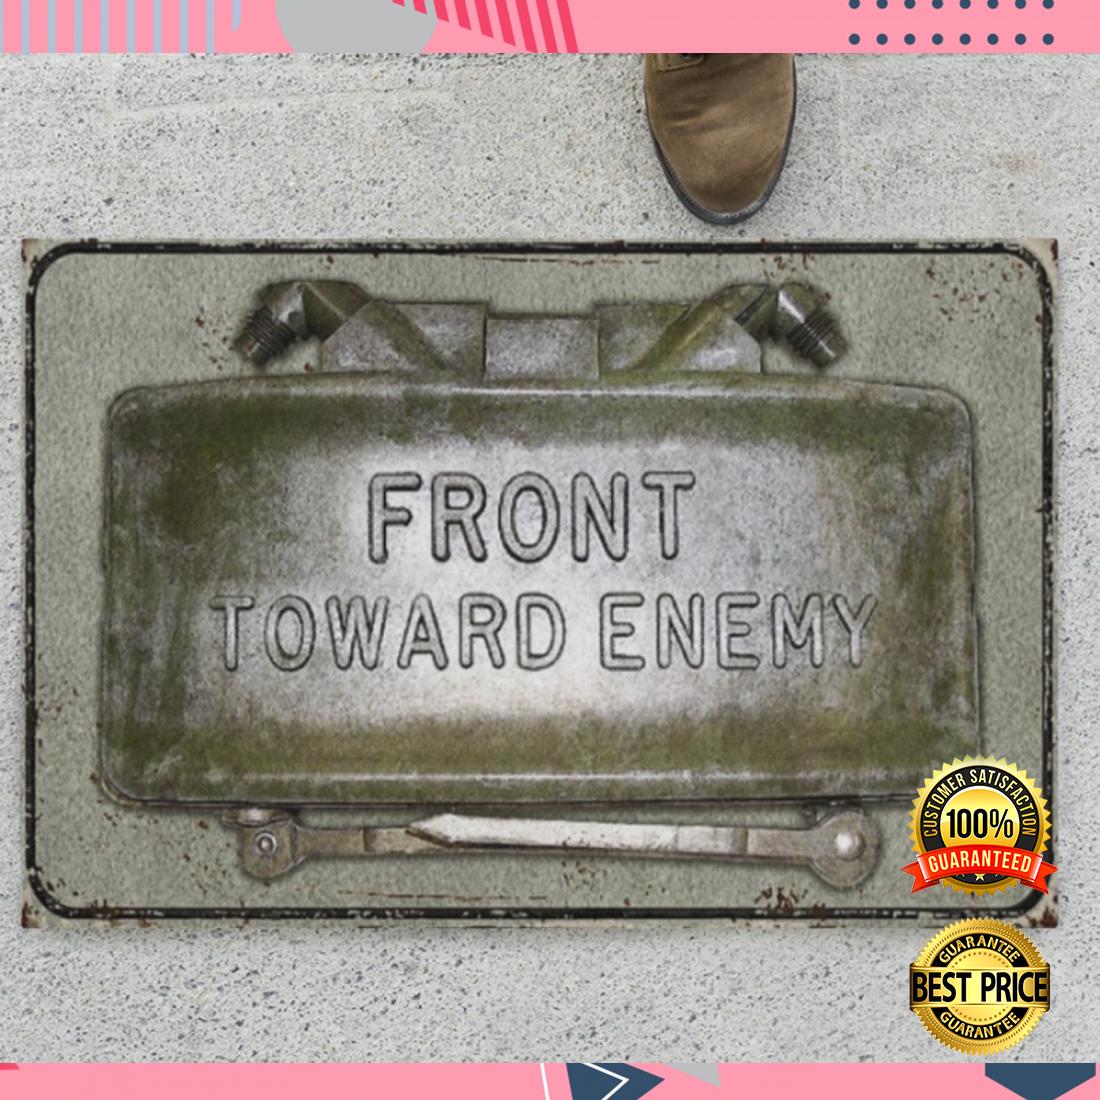 Front toward enemy doormat 4